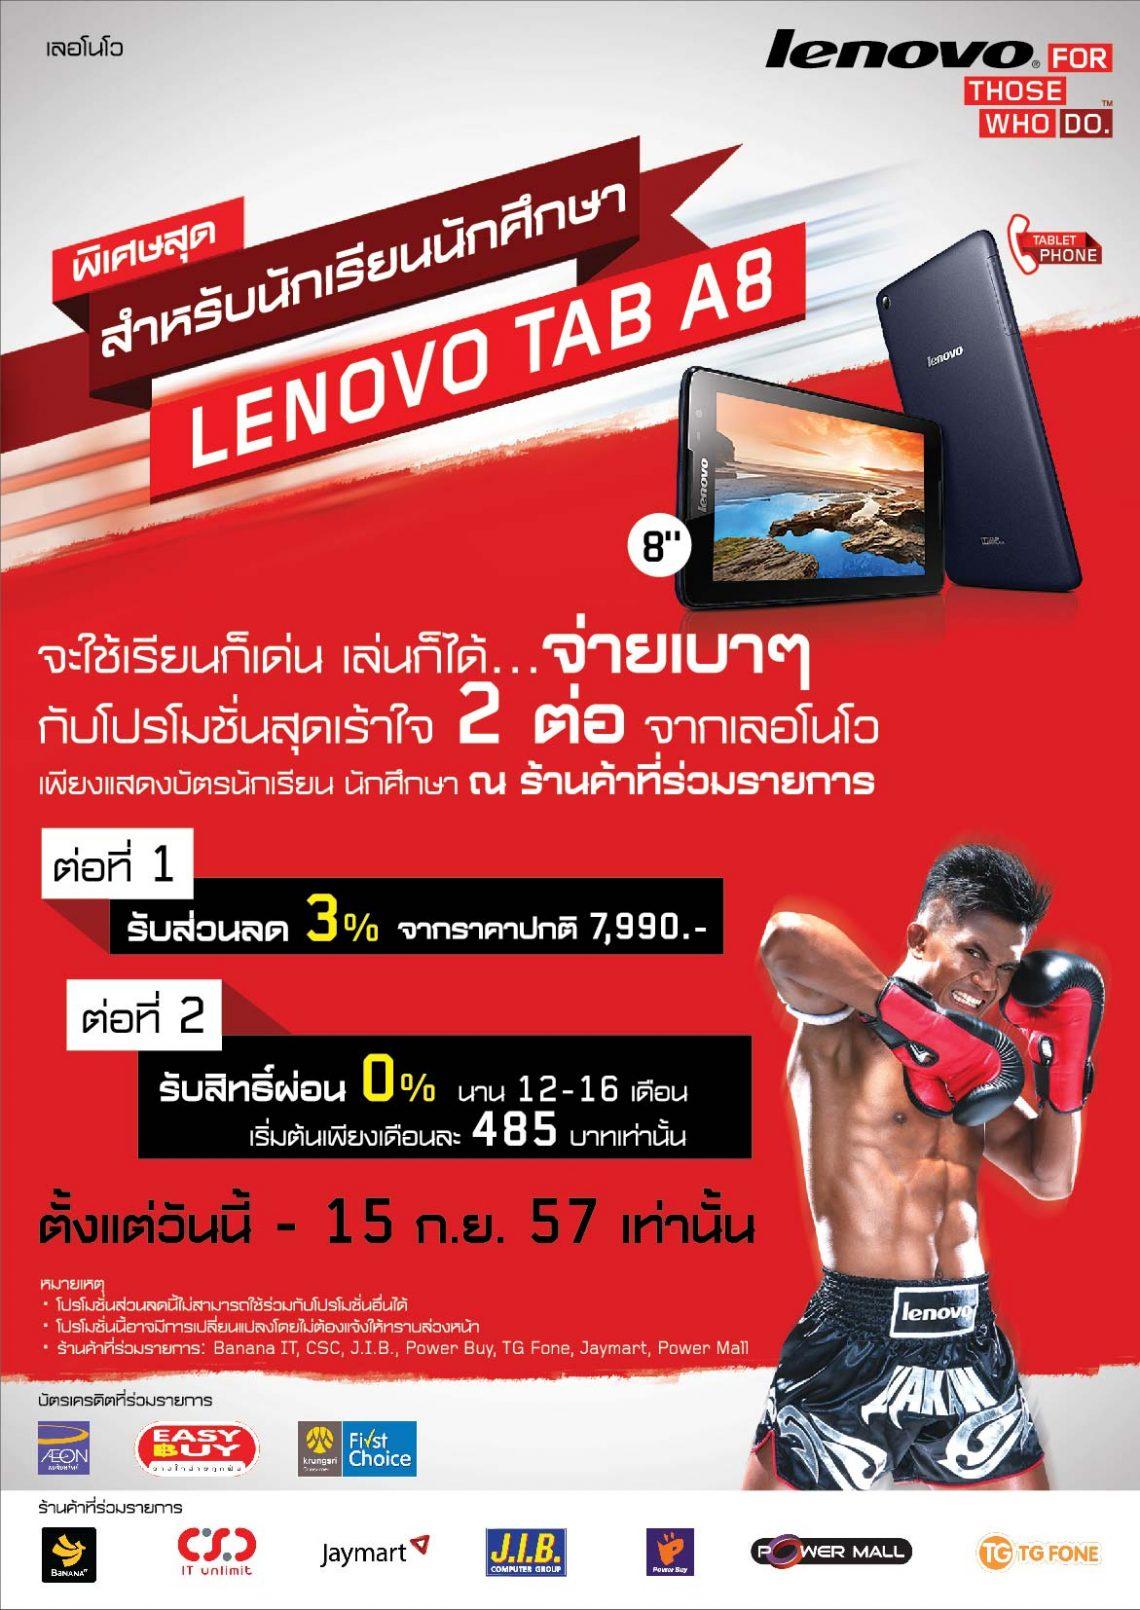 Lenovo จัดโปรแรงสำหรับนักศึกษา ซื้อ Lenovo Tab A8 รับส่วนลด 3% ผ่อนเริ่มต้นเพียงเดือนละ 485 บาท